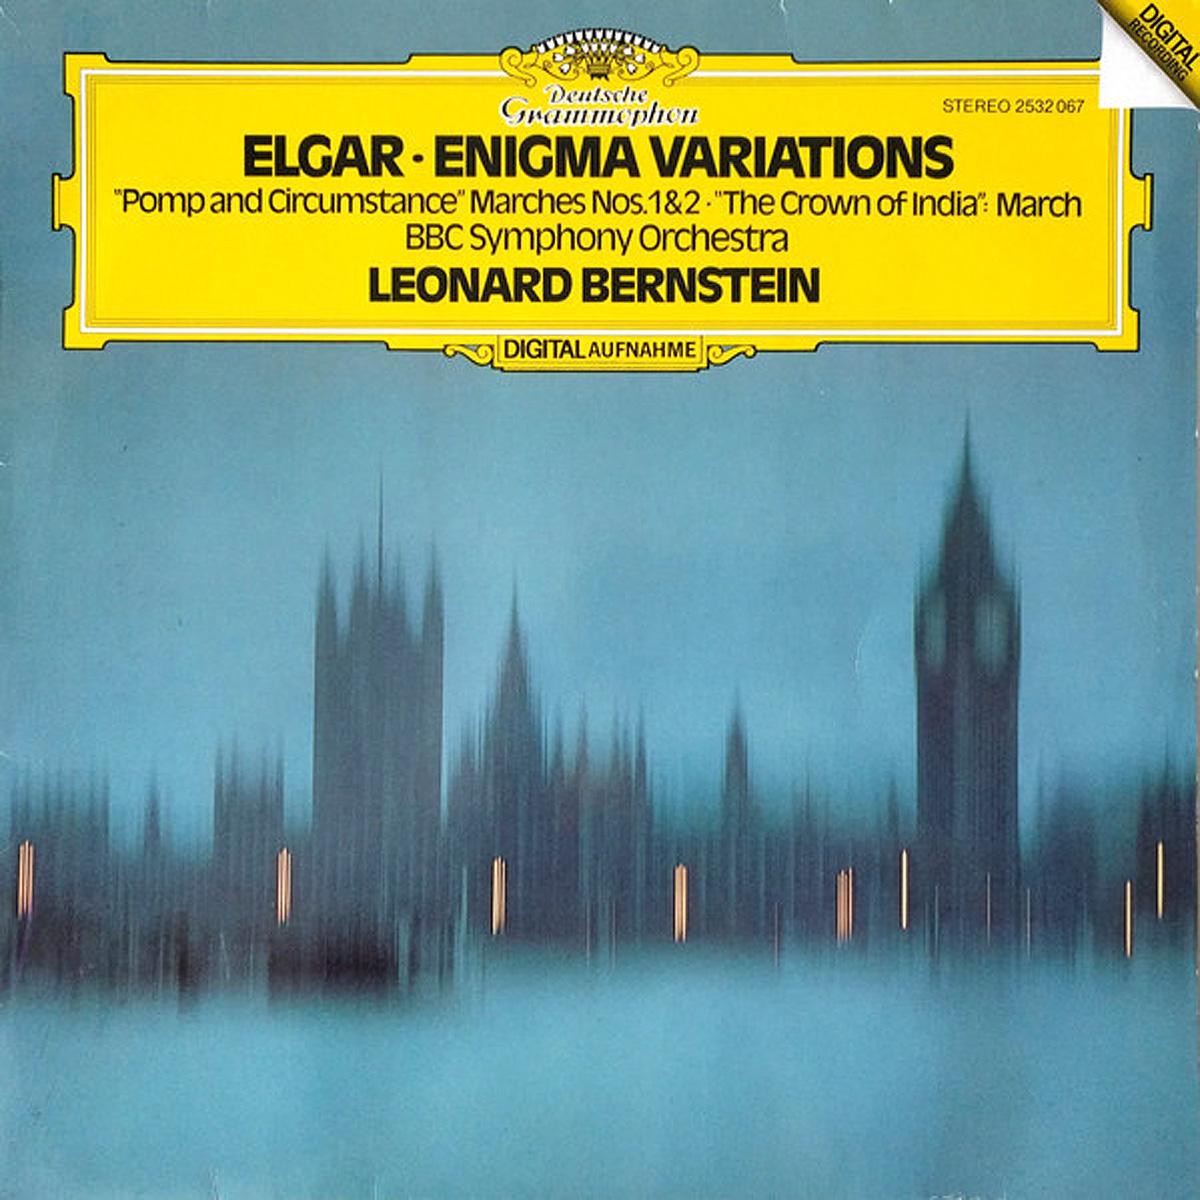 DGG 2532067 Elgar Enigma Variations Bernstein